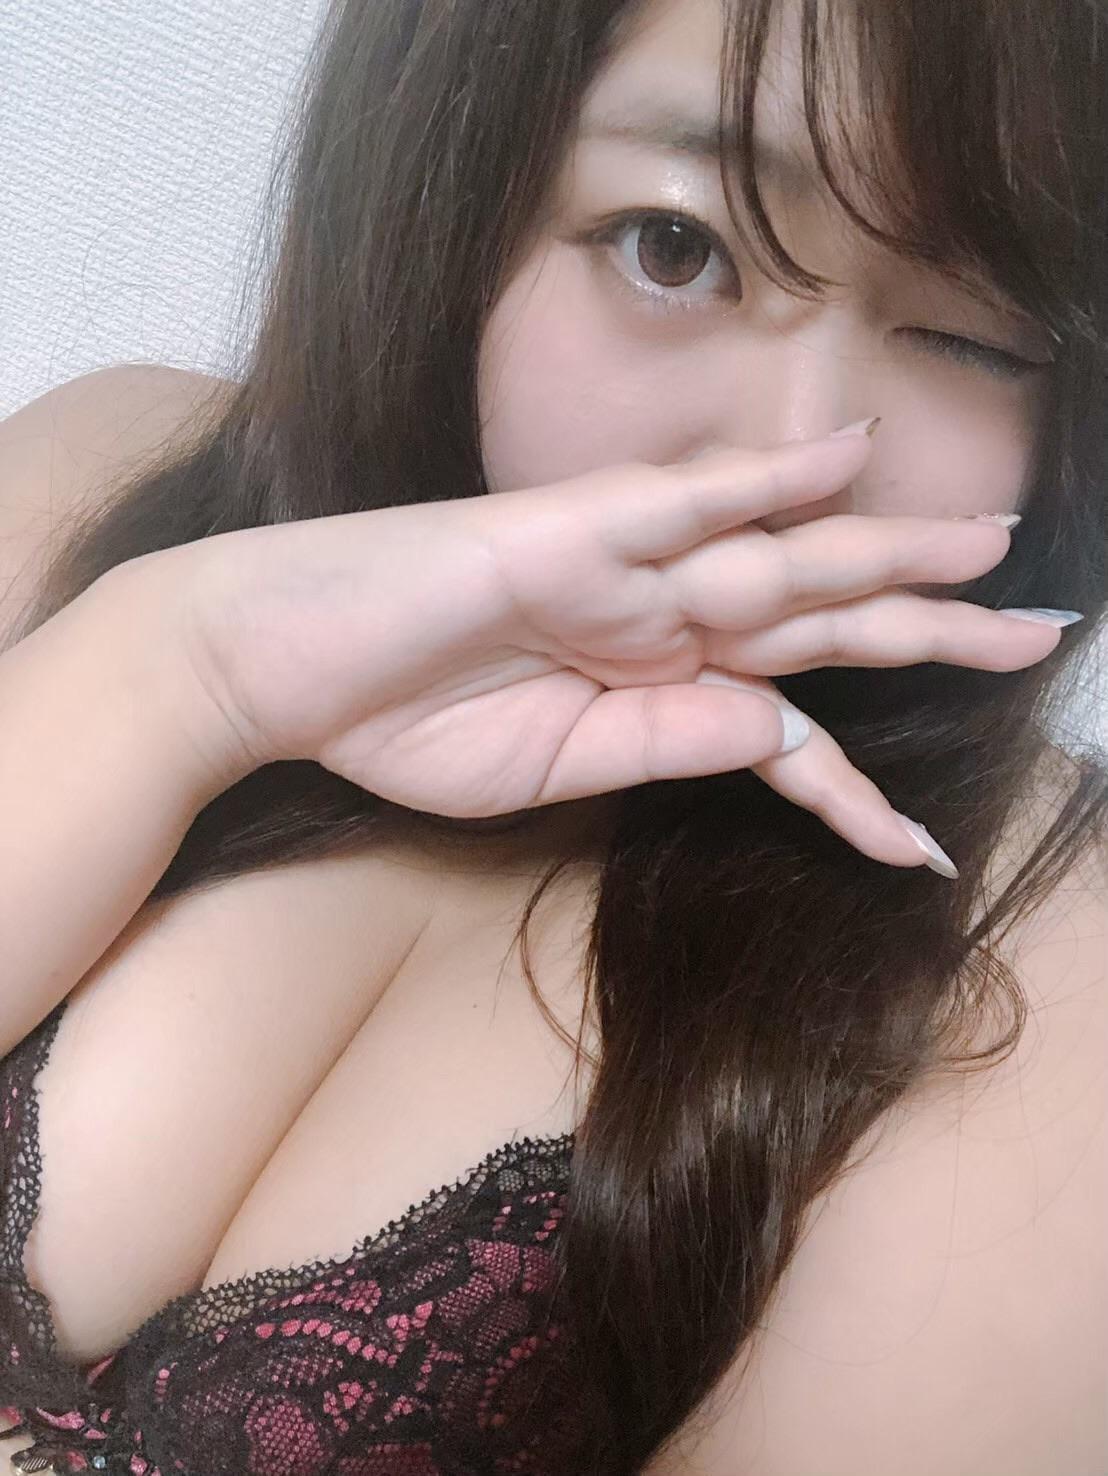 「完売ありがとうございますー!!!!!」12/13(金) 20:58 | みなみの写メ・風俗動画